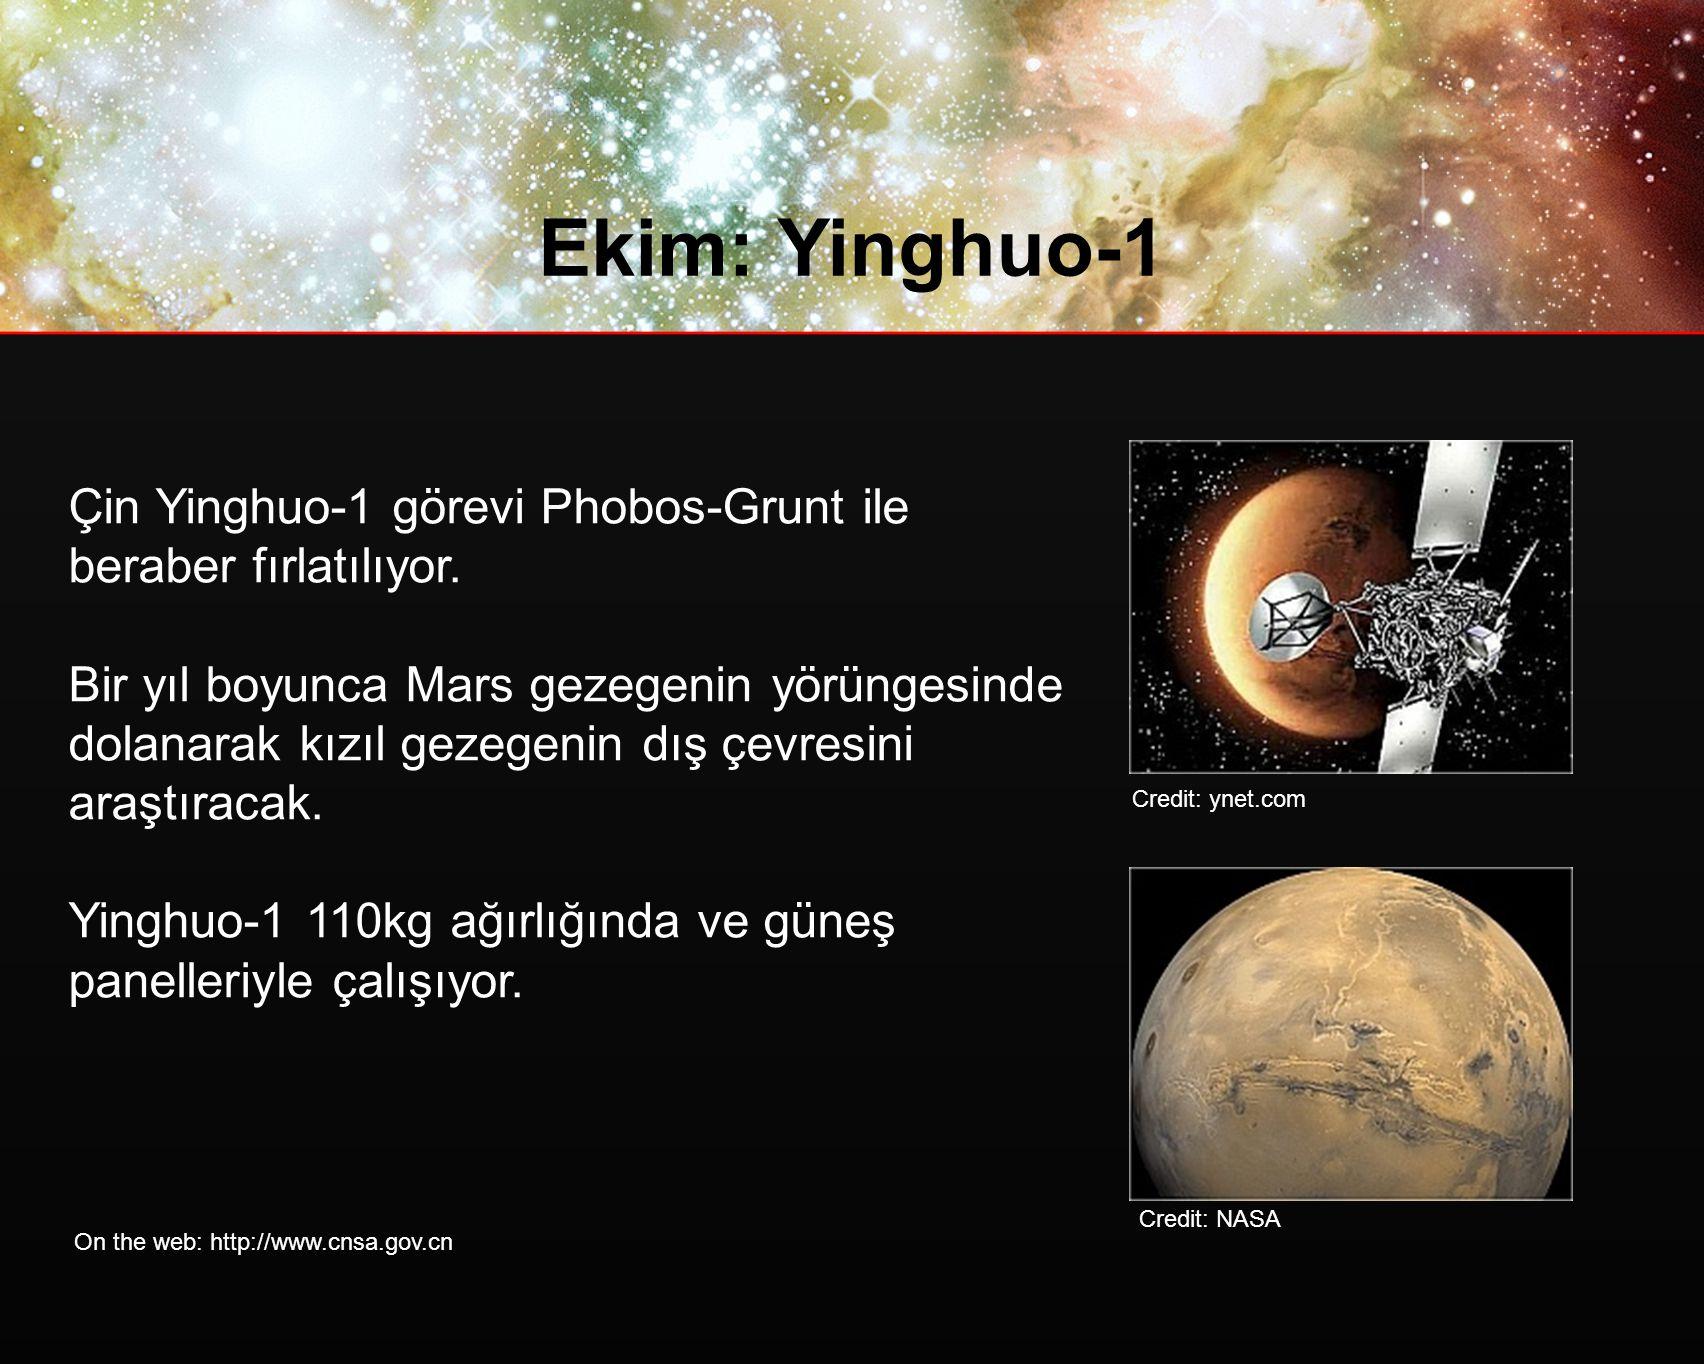 Ekim: Yinghuo-1 Çin Yinghuo-1 görevi Phobos-Grunt ile beraber fırlatılıyor.